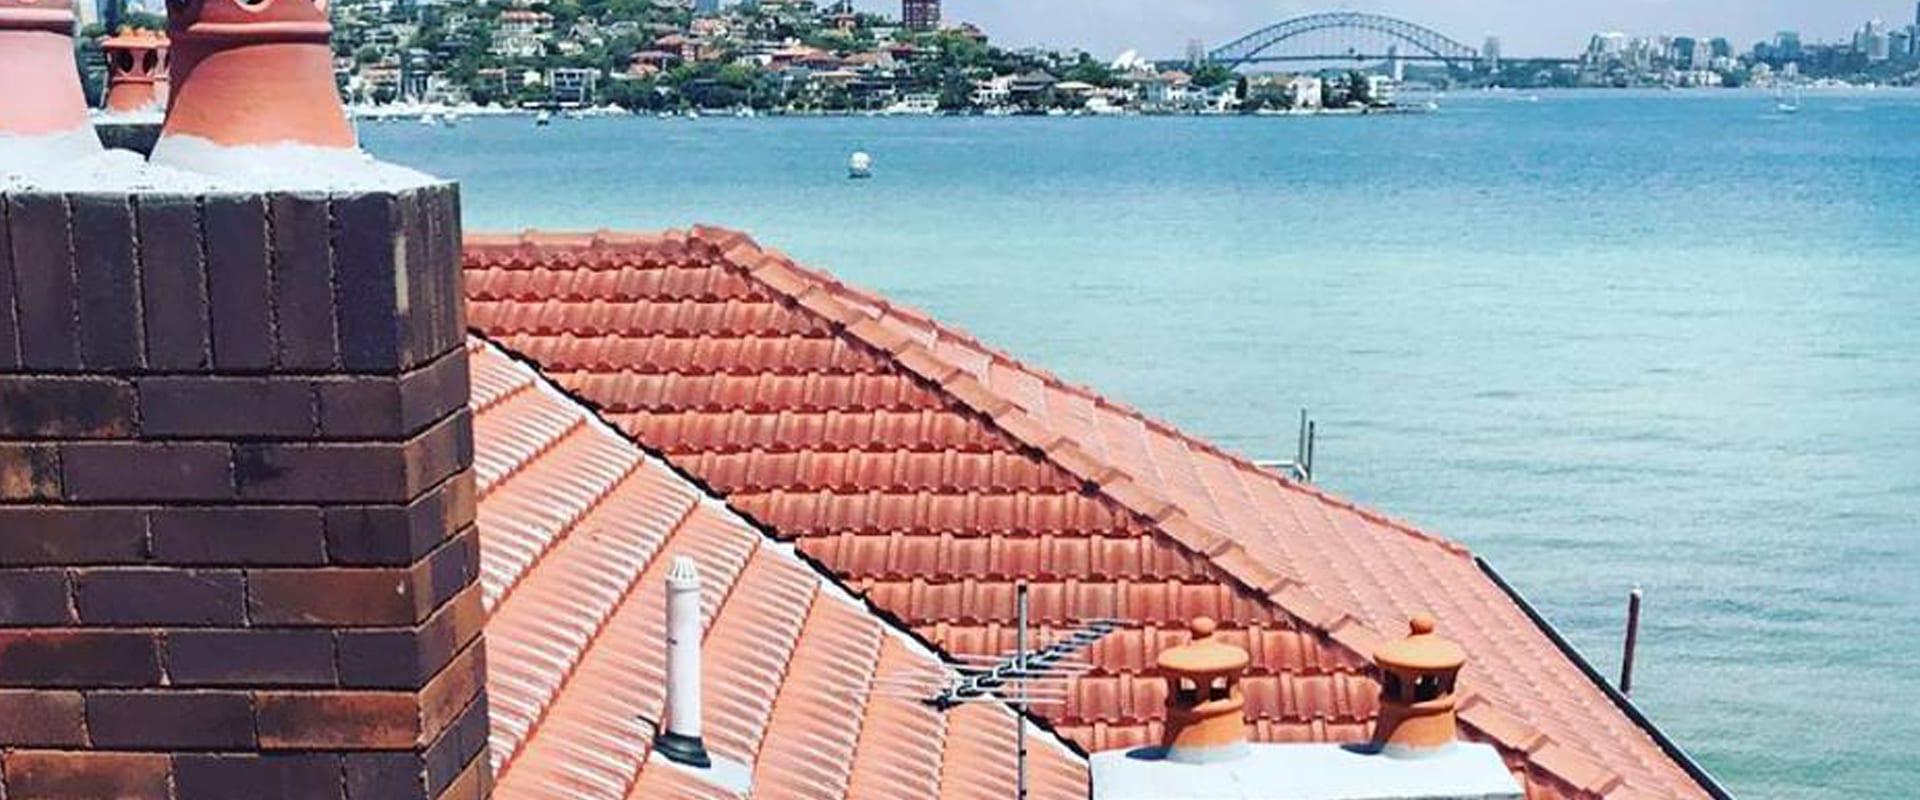 Roof leak emergency repair Sydney